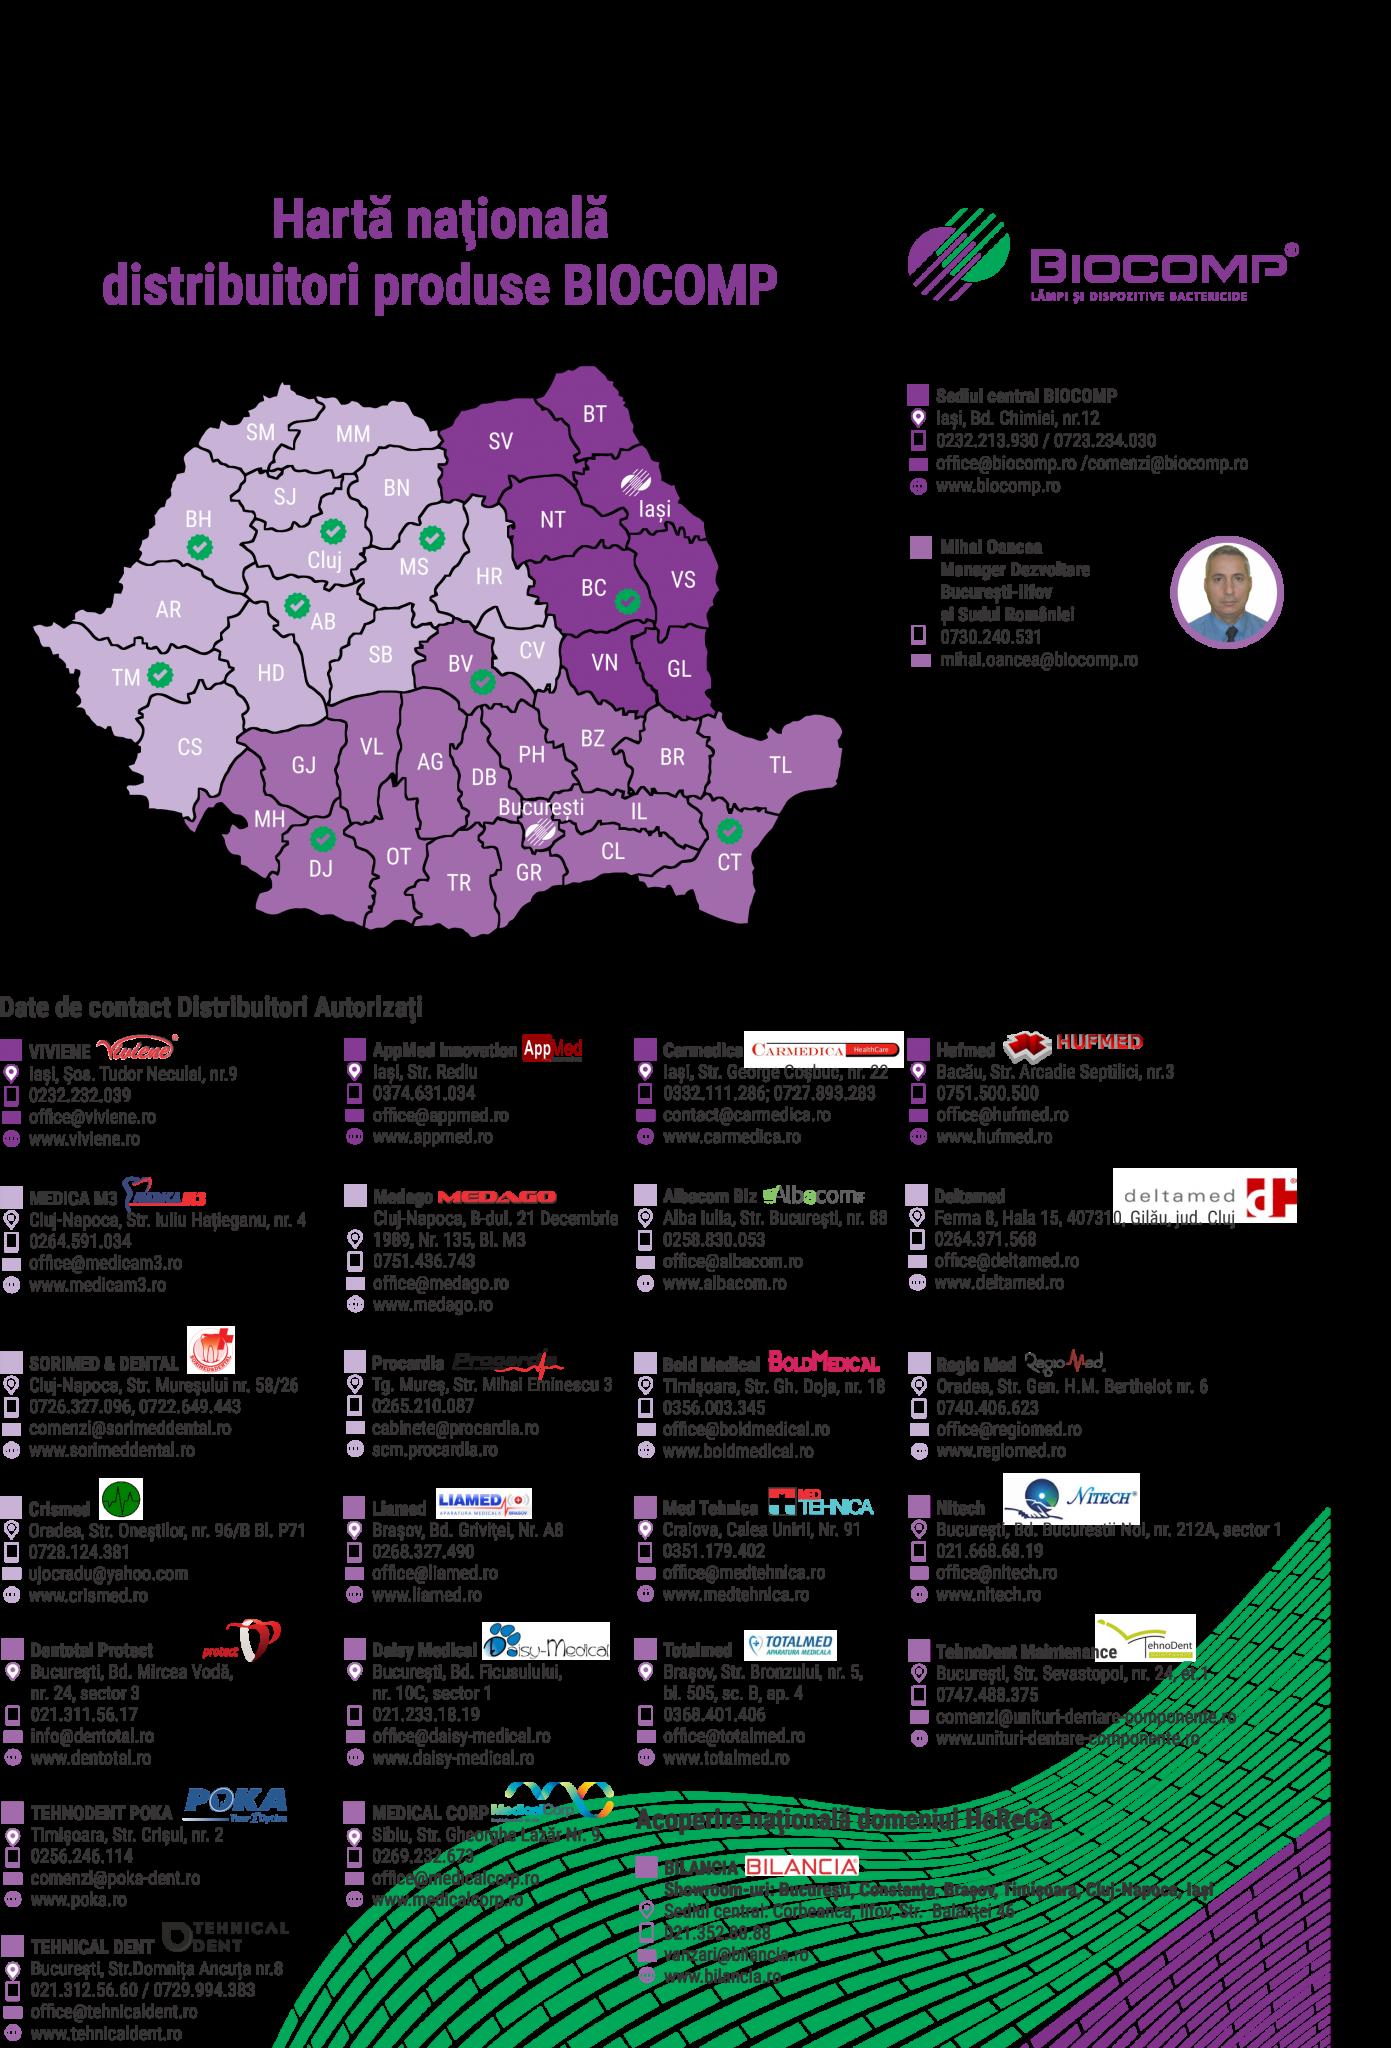 Harta Nationala BIOCOMP -aprilie2018